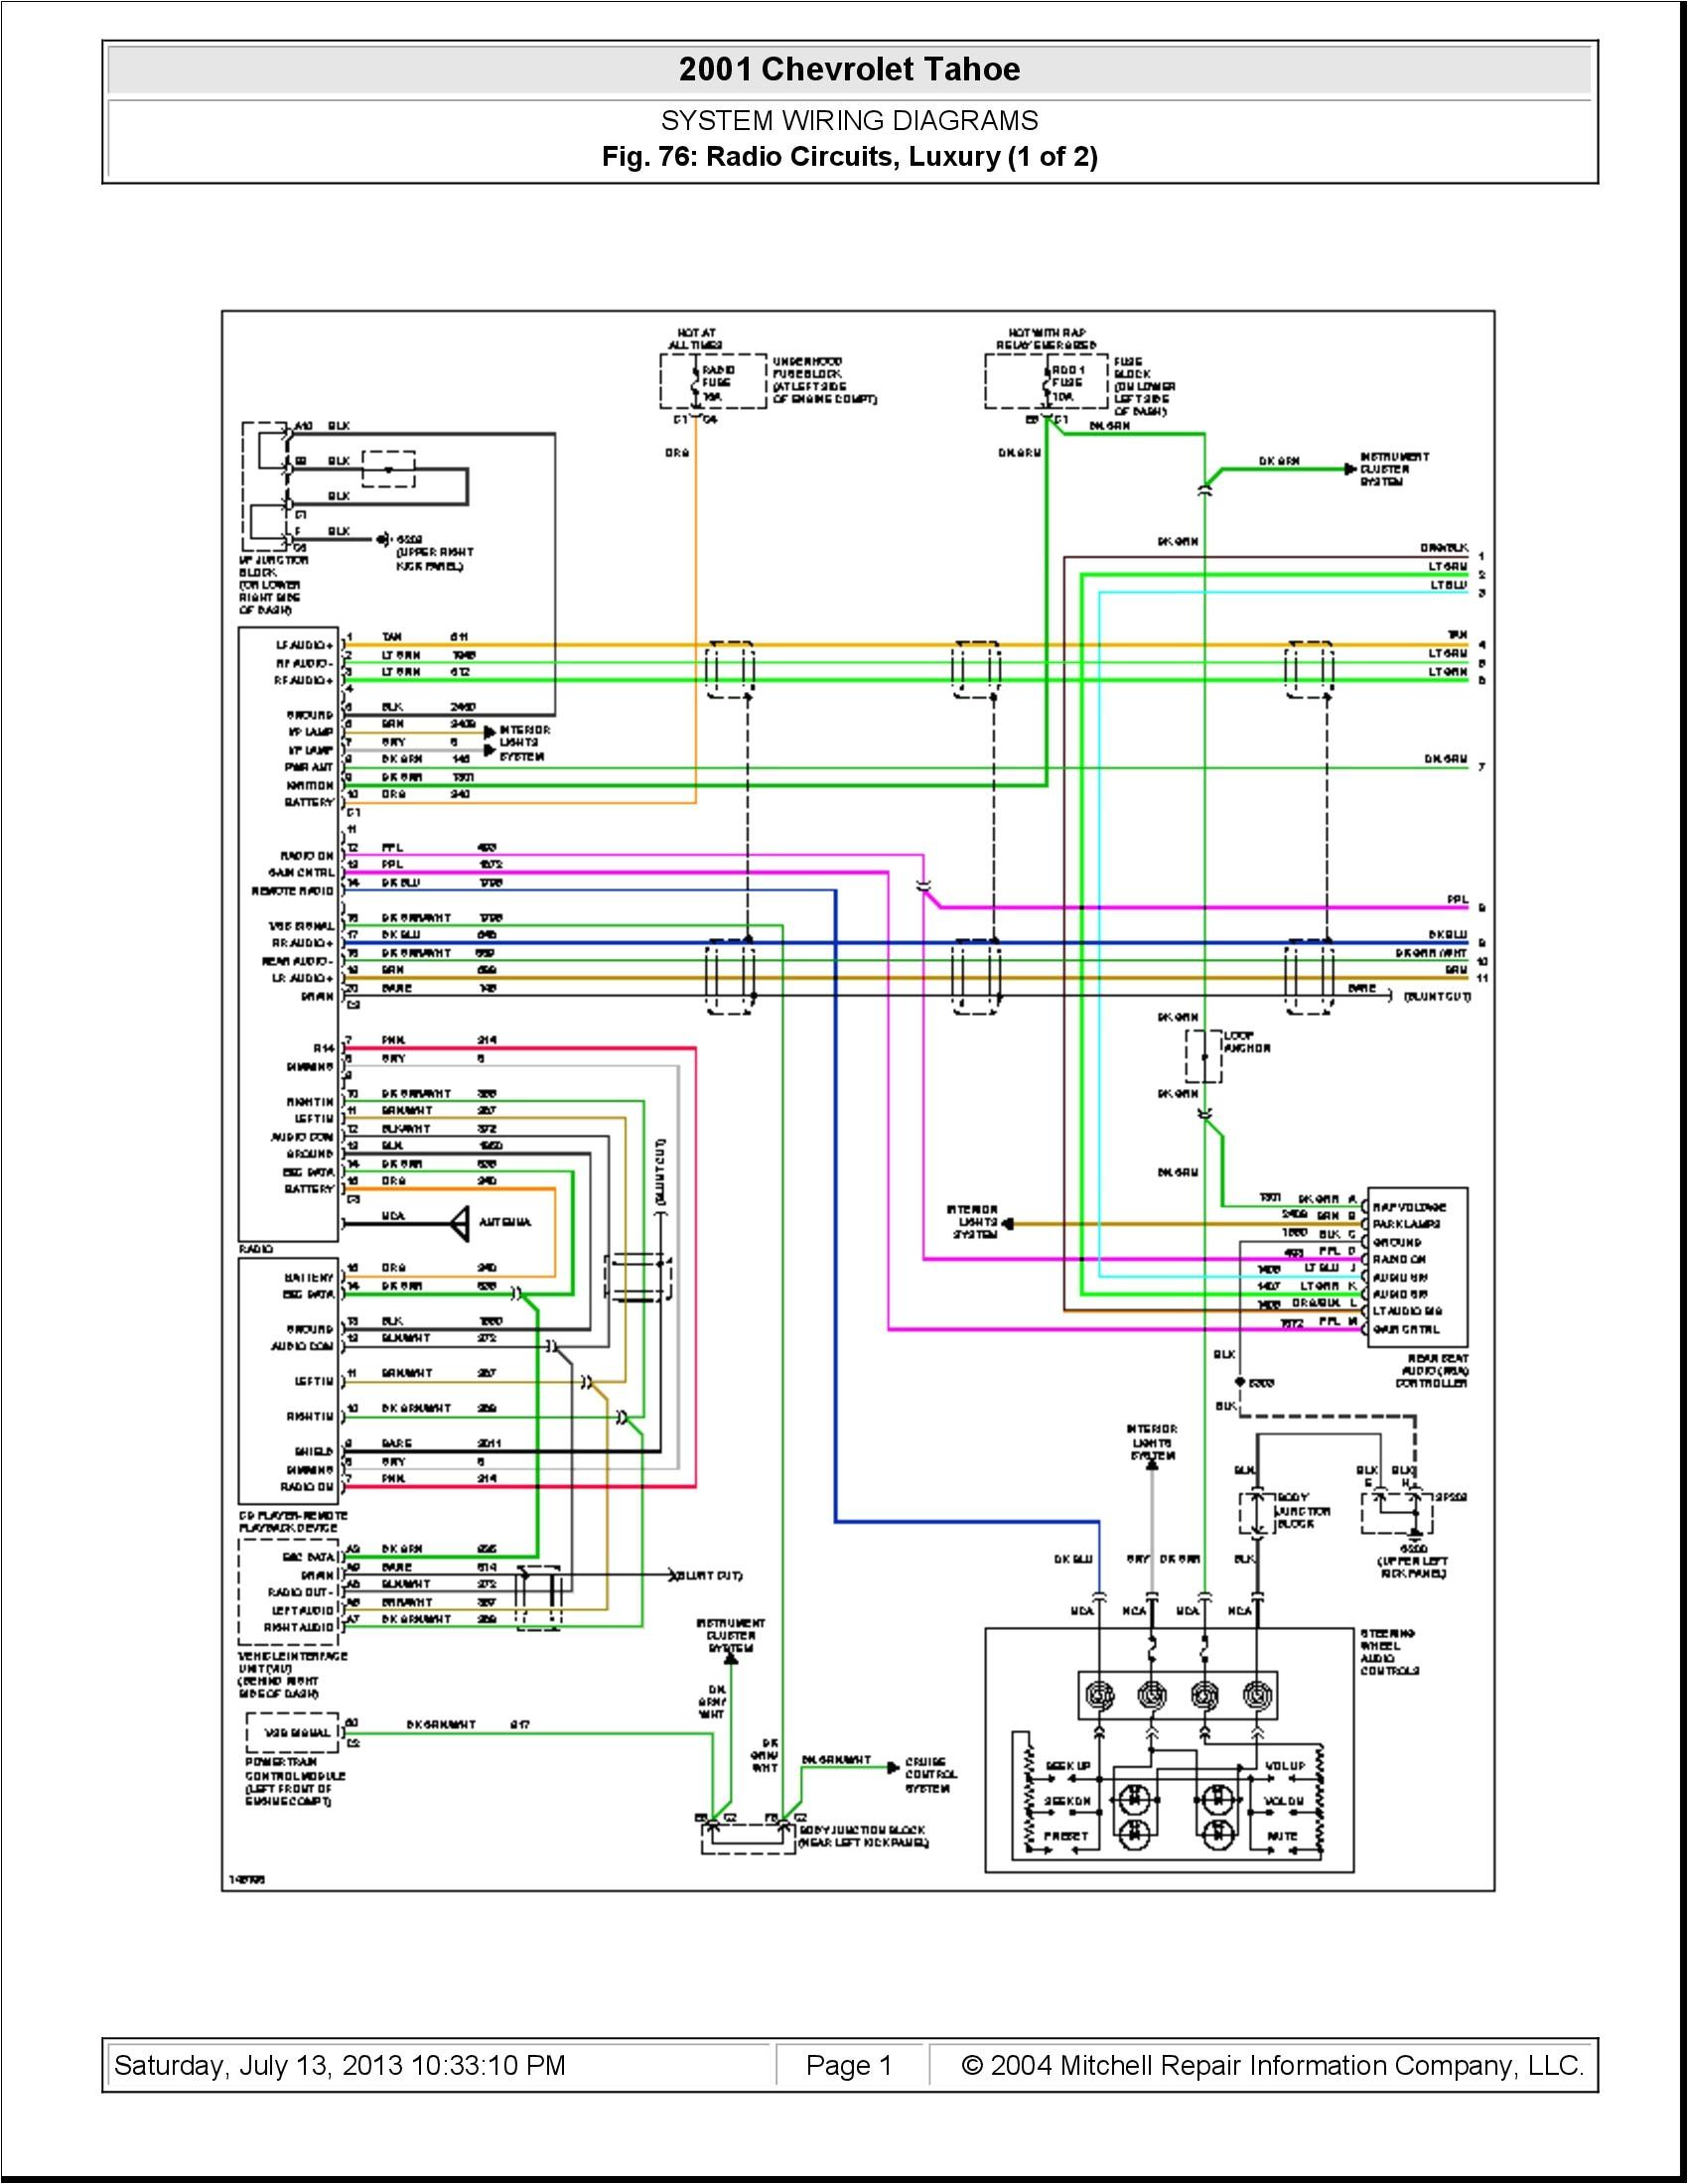 2001 chevy impala power window wiring diagram wiring diagram review 2001 chevy impala wiring schematics 2001 chevy impala wiring schematic